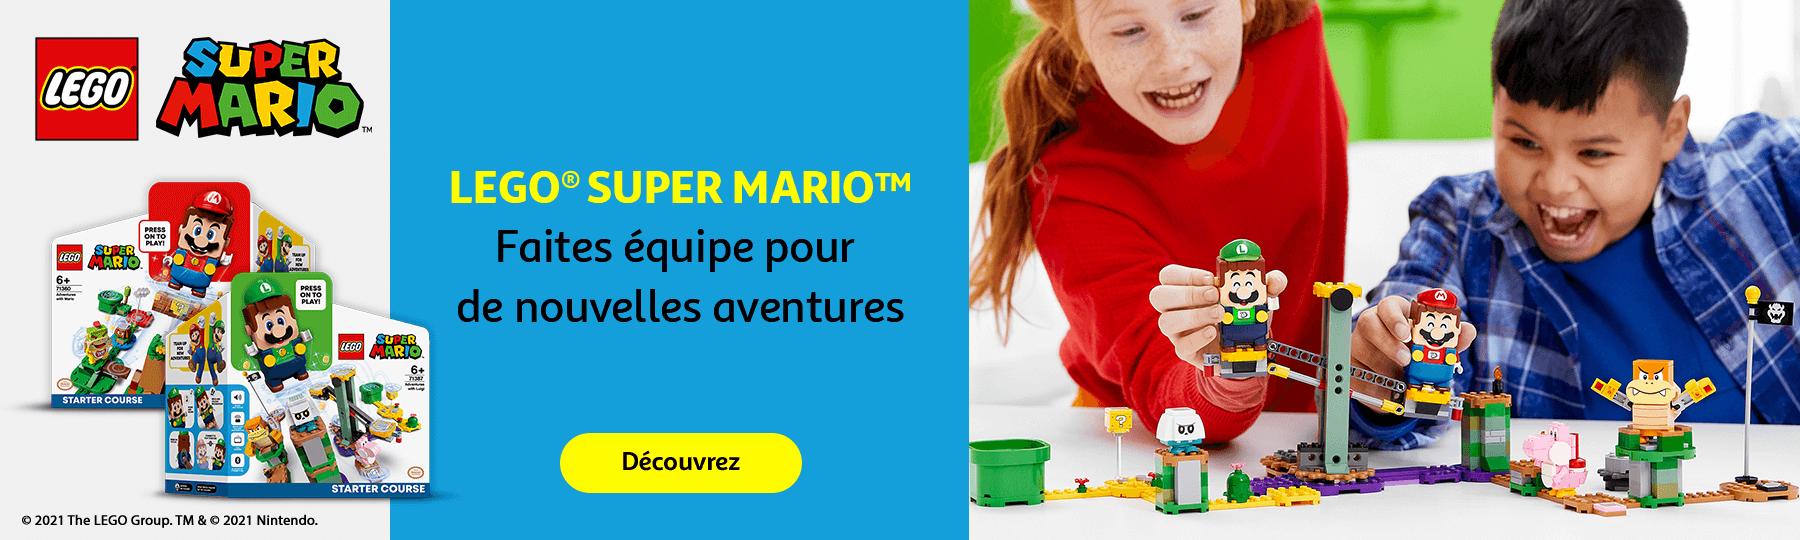 LEGO Super Mario. Faites équipe pour de nouvelles aventures